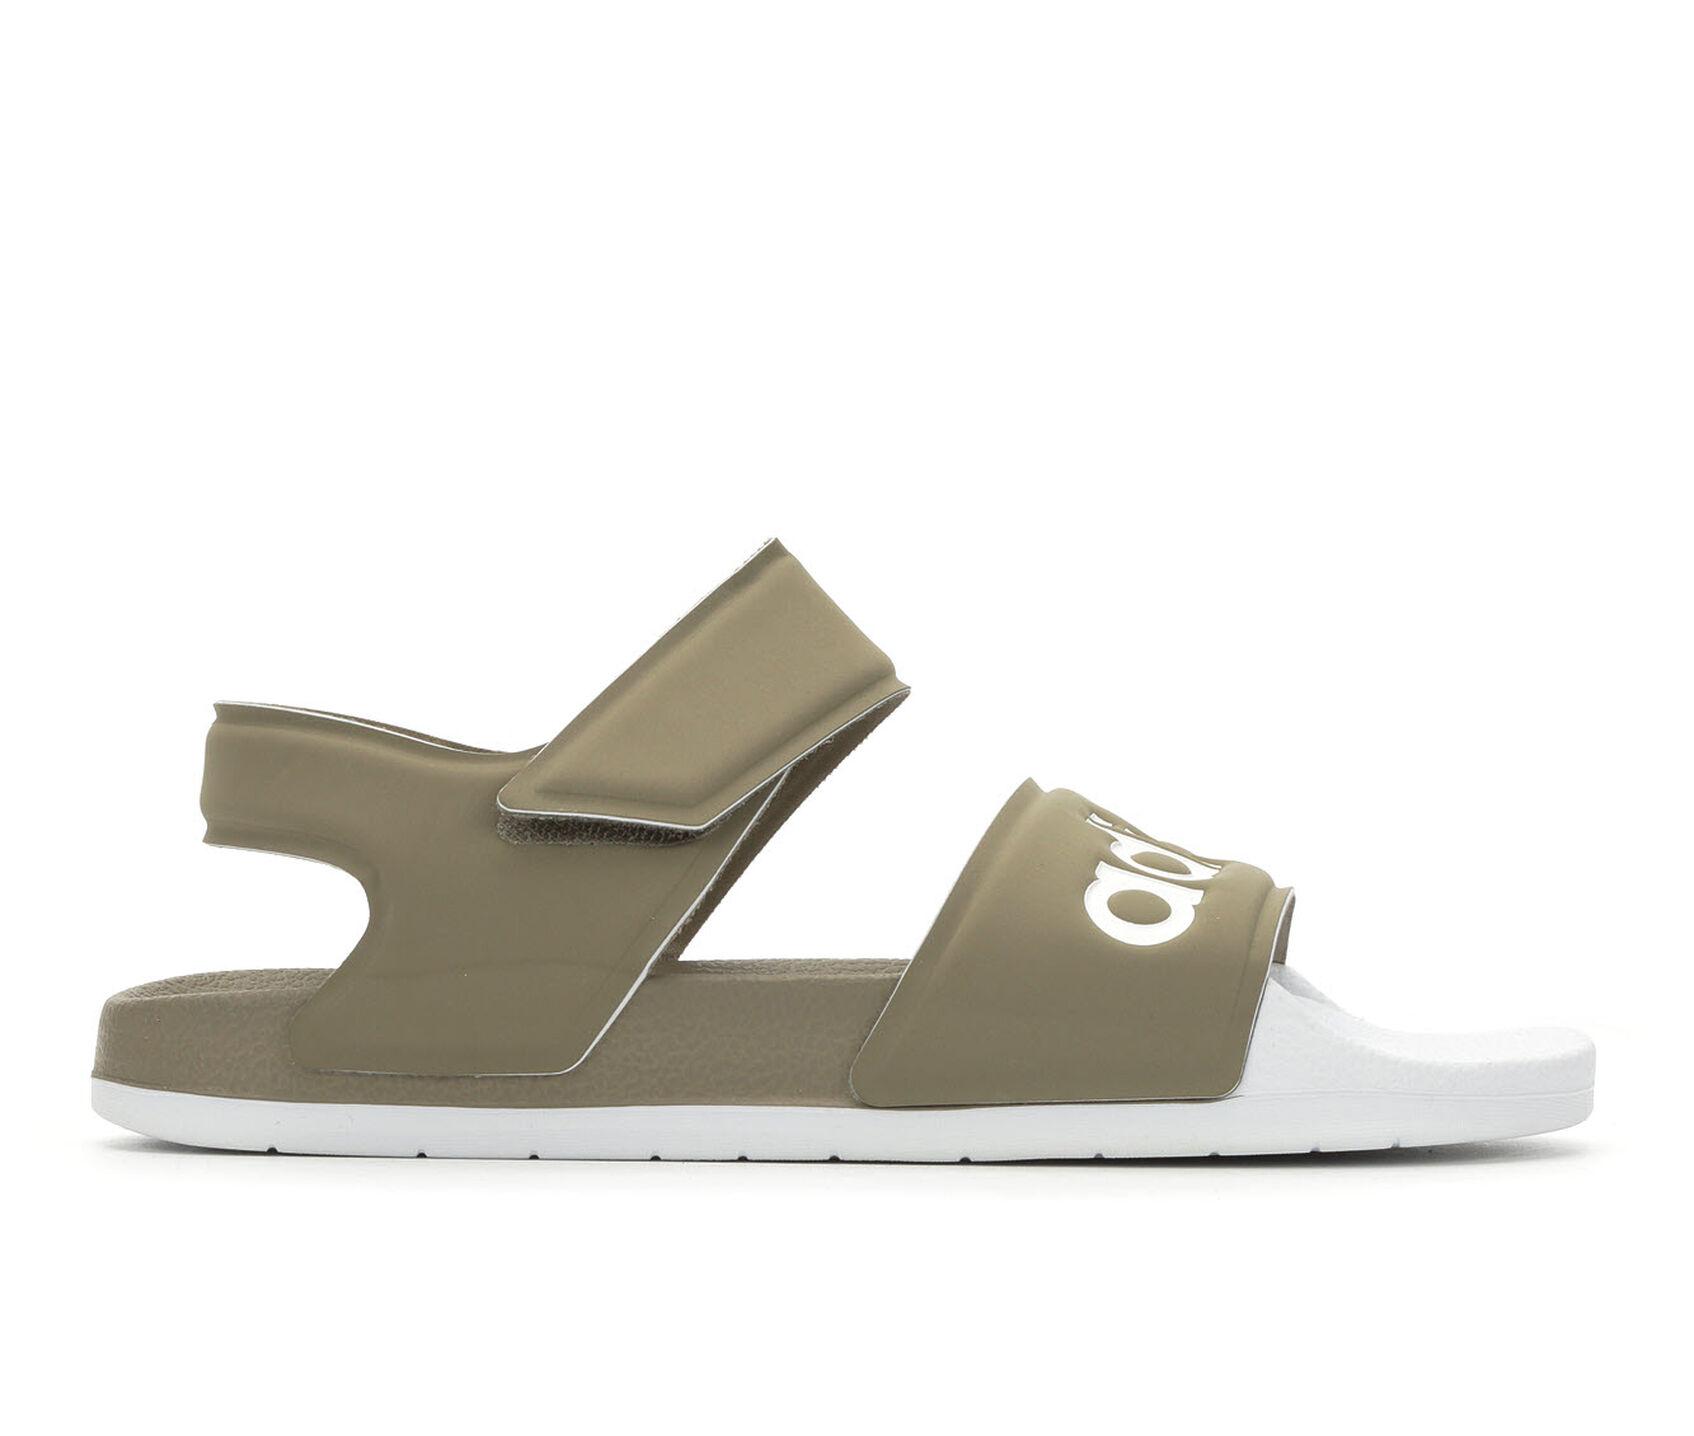 f59be065e9c2 Women's Adidas Adilette Sport Sandals   Shoe Carnival